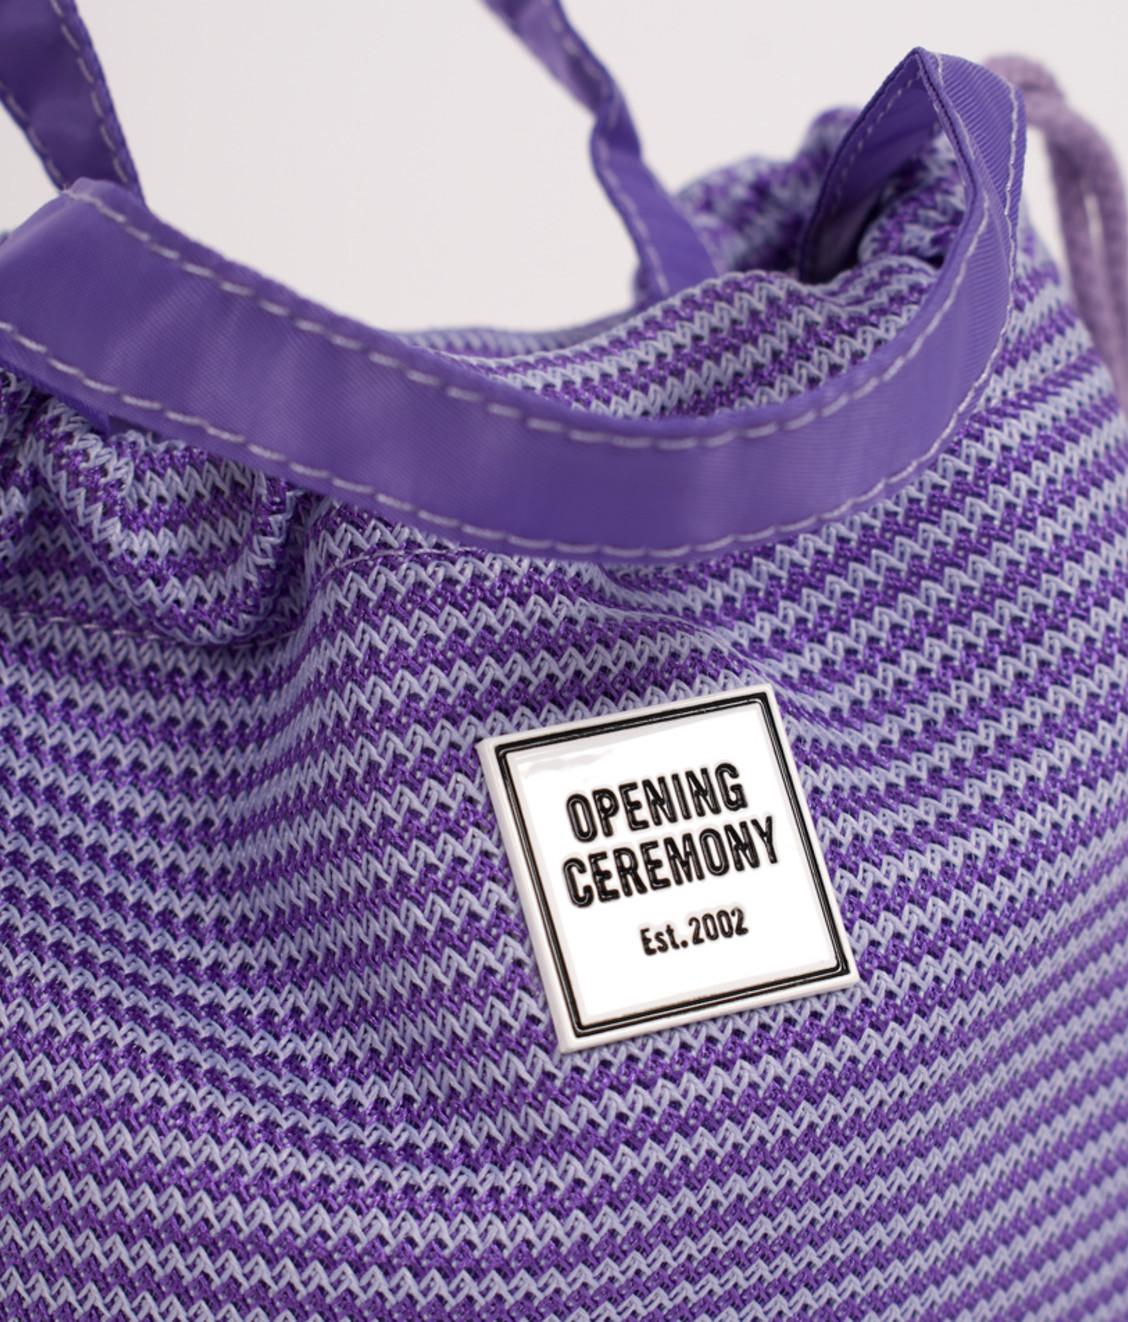 Opening Ceremony OC Circular Mesh Drawstring Bag